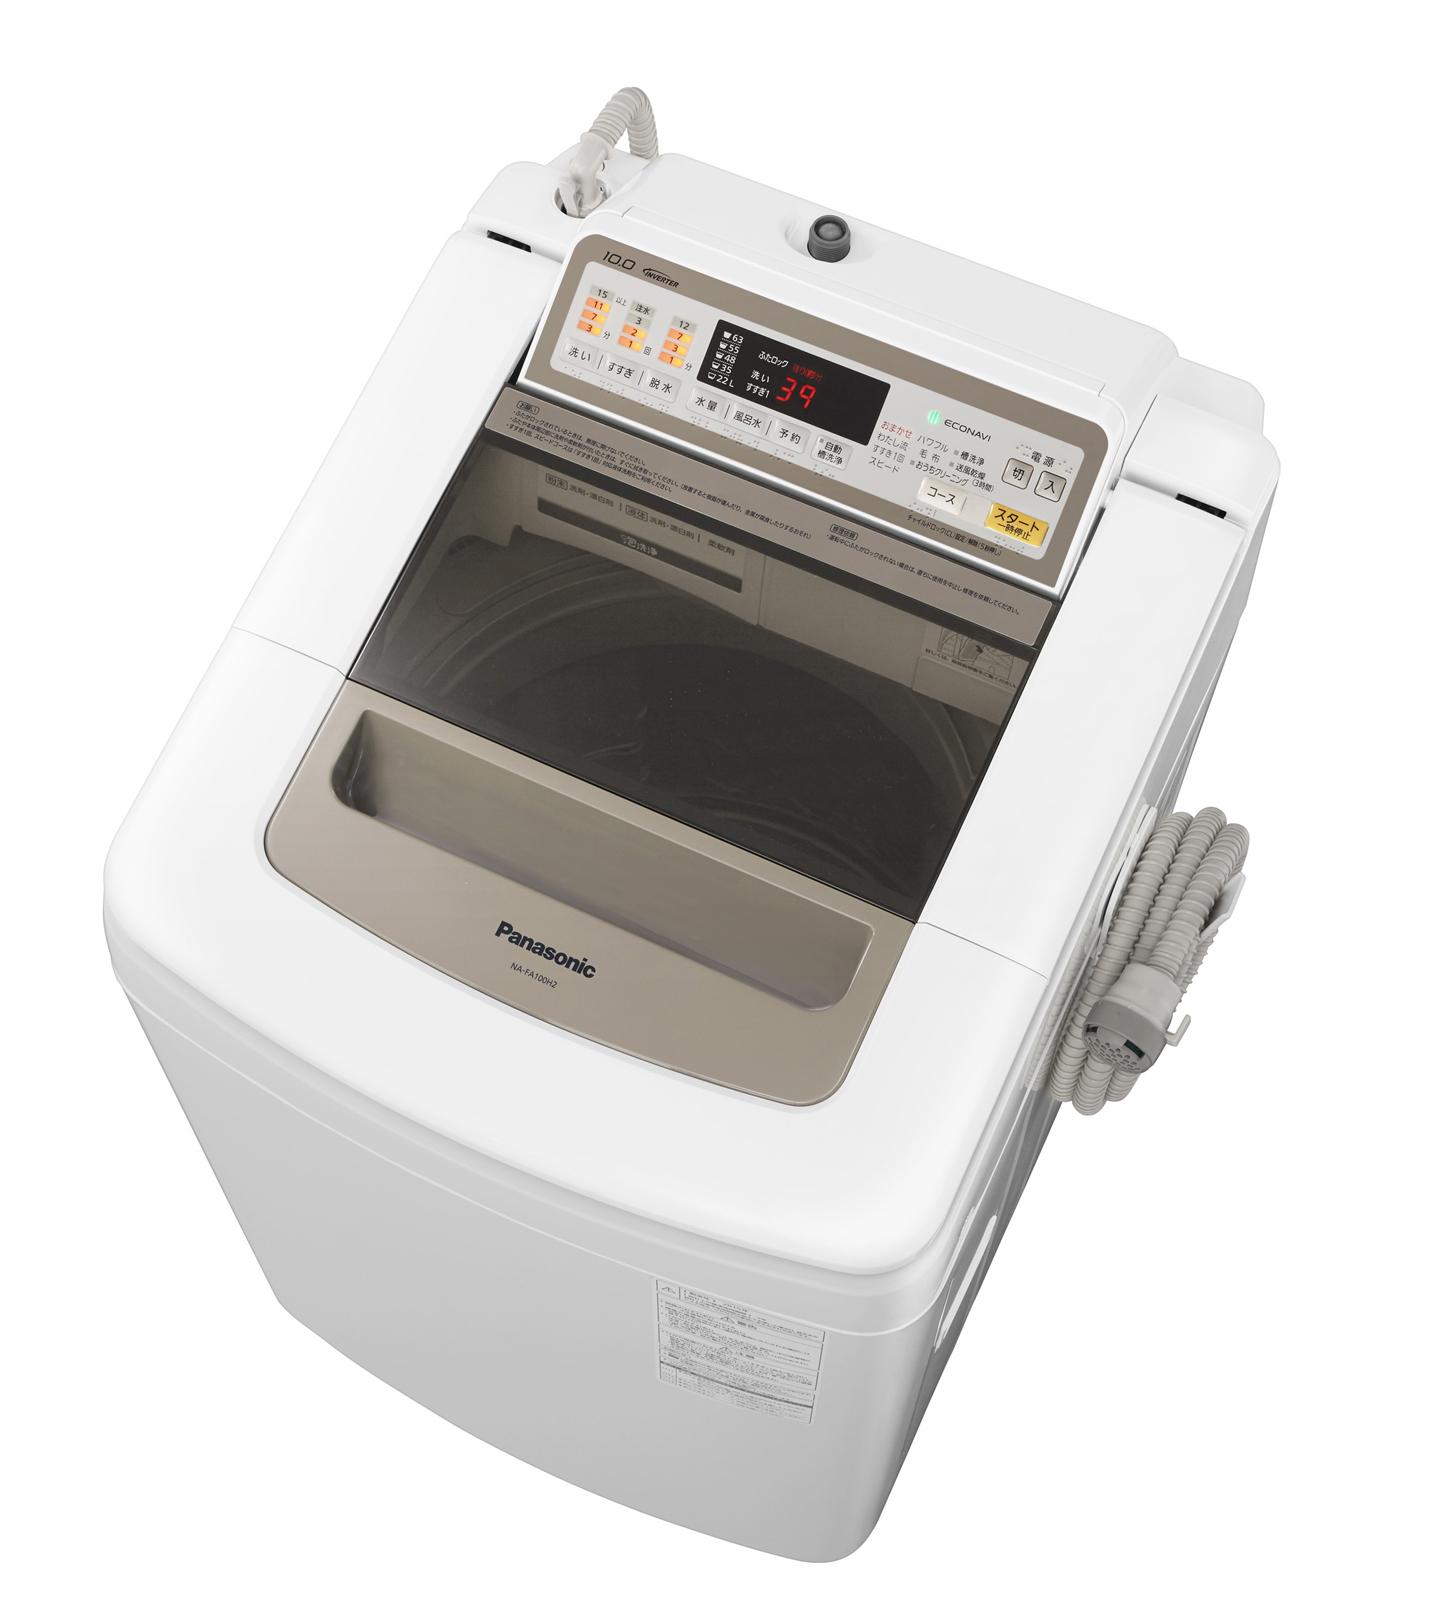 全自動洗濯機の新モデル「NA-FA100H2」(シャンパン)